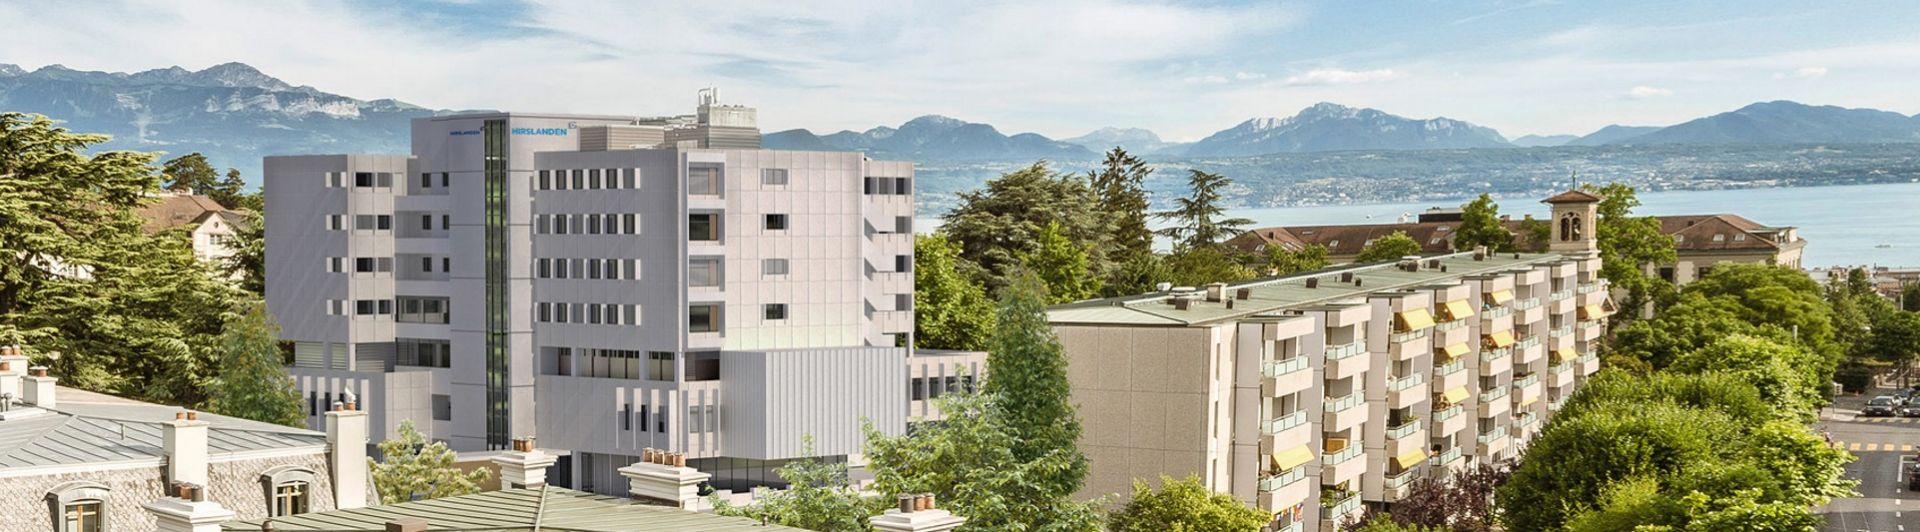 Hirslanden Clinique Bois-Cerf, Lausanne